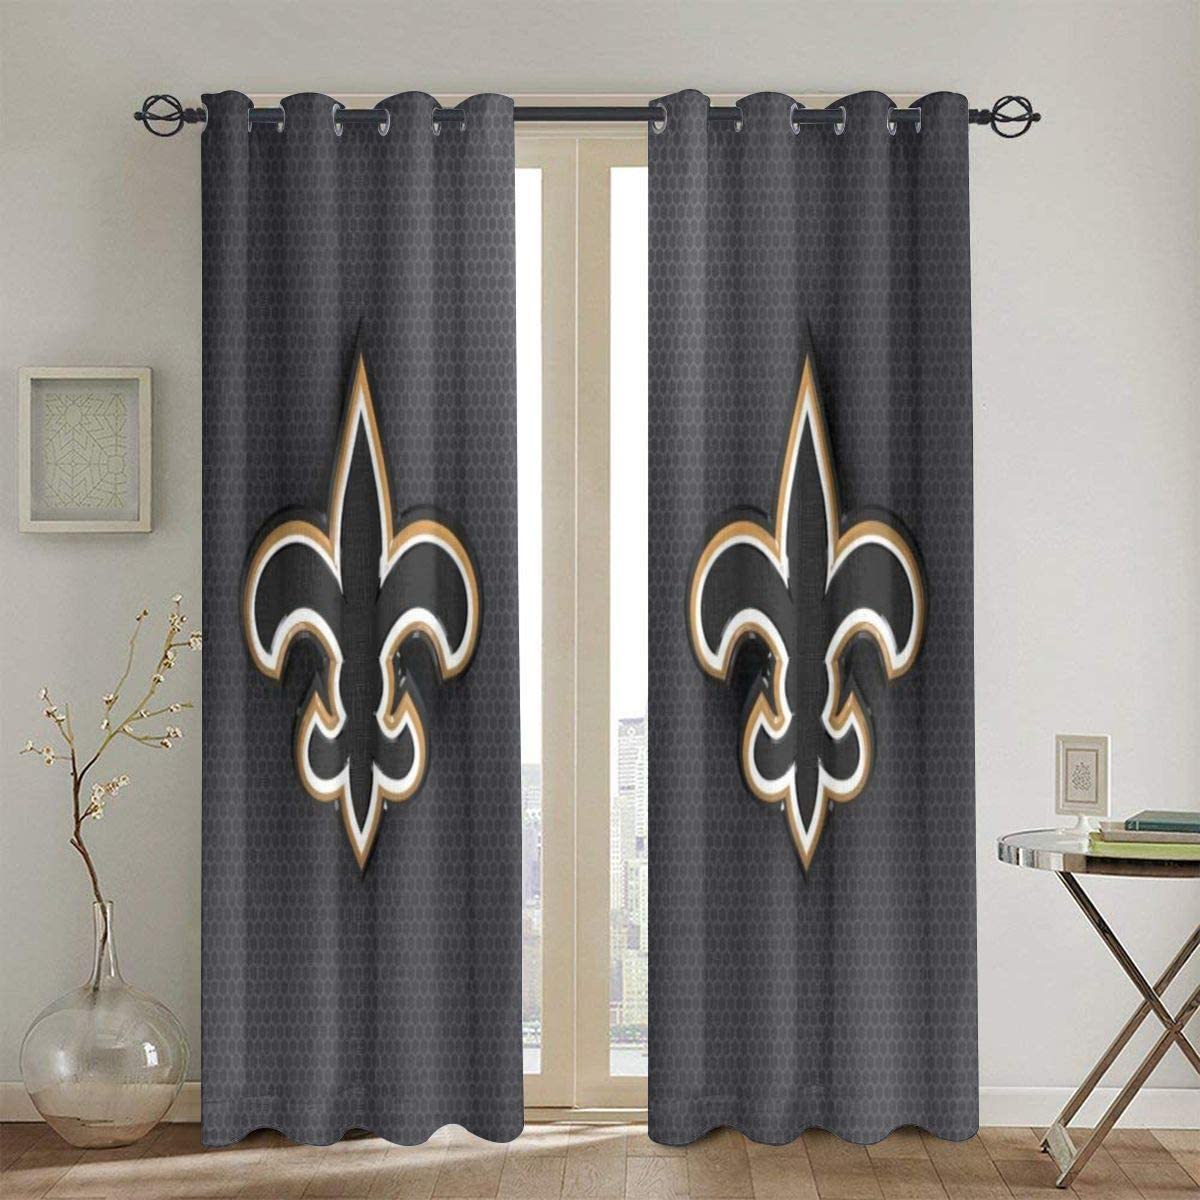 RWNFA Gold Fleur-de-lis Blackout Window Curtain Panels 48